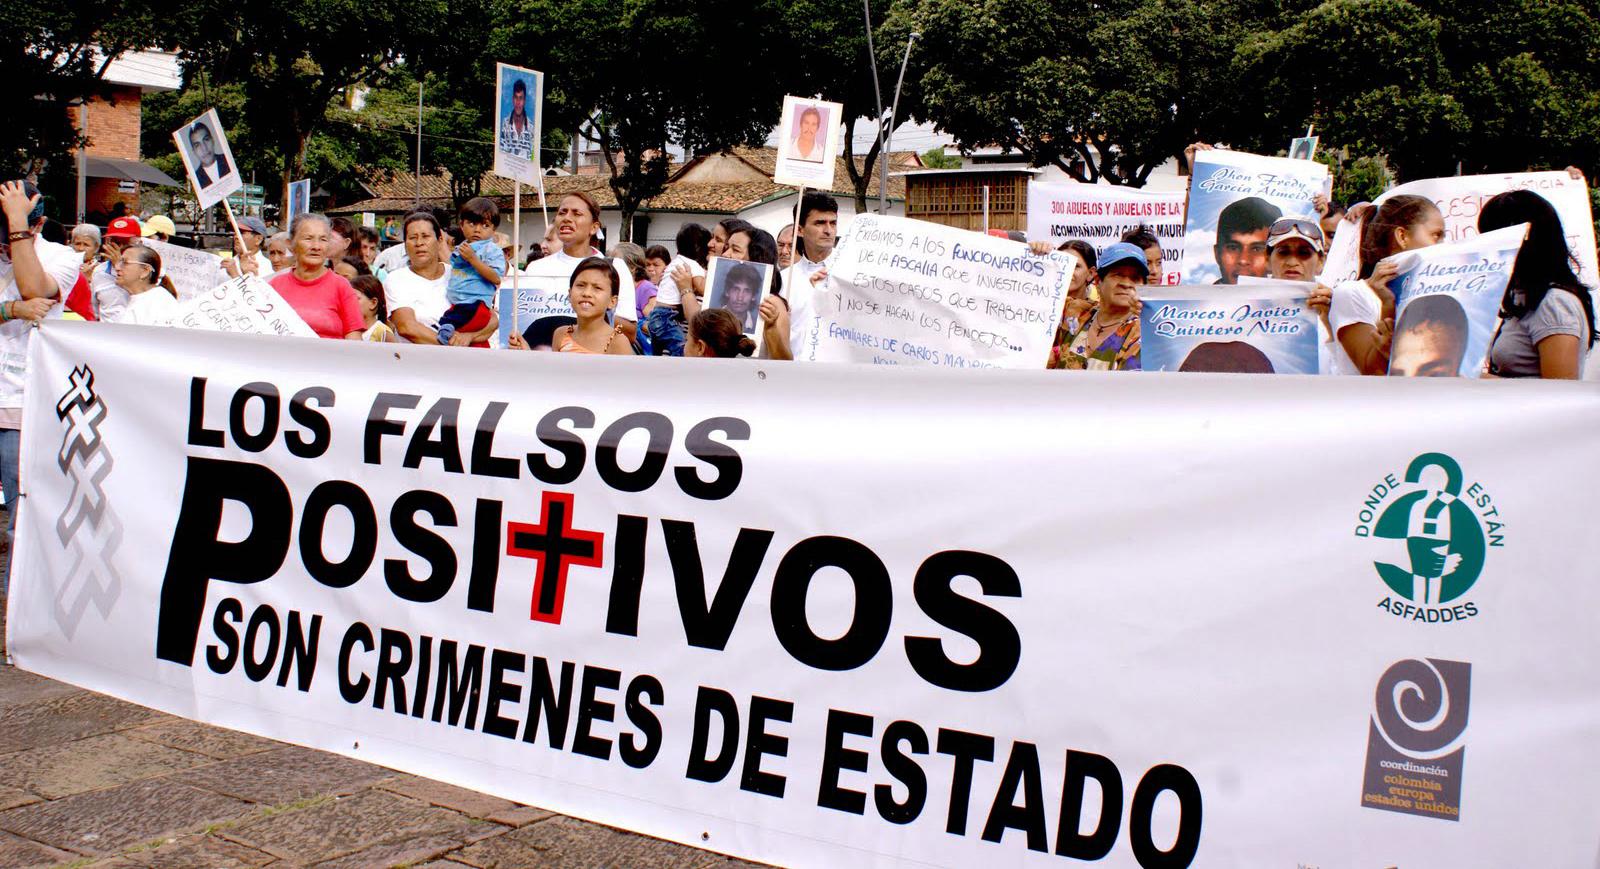 Manifestation réclamant justice pour les faux positifs. Crédit boletinesdeprensacompromiso.blogspot.com